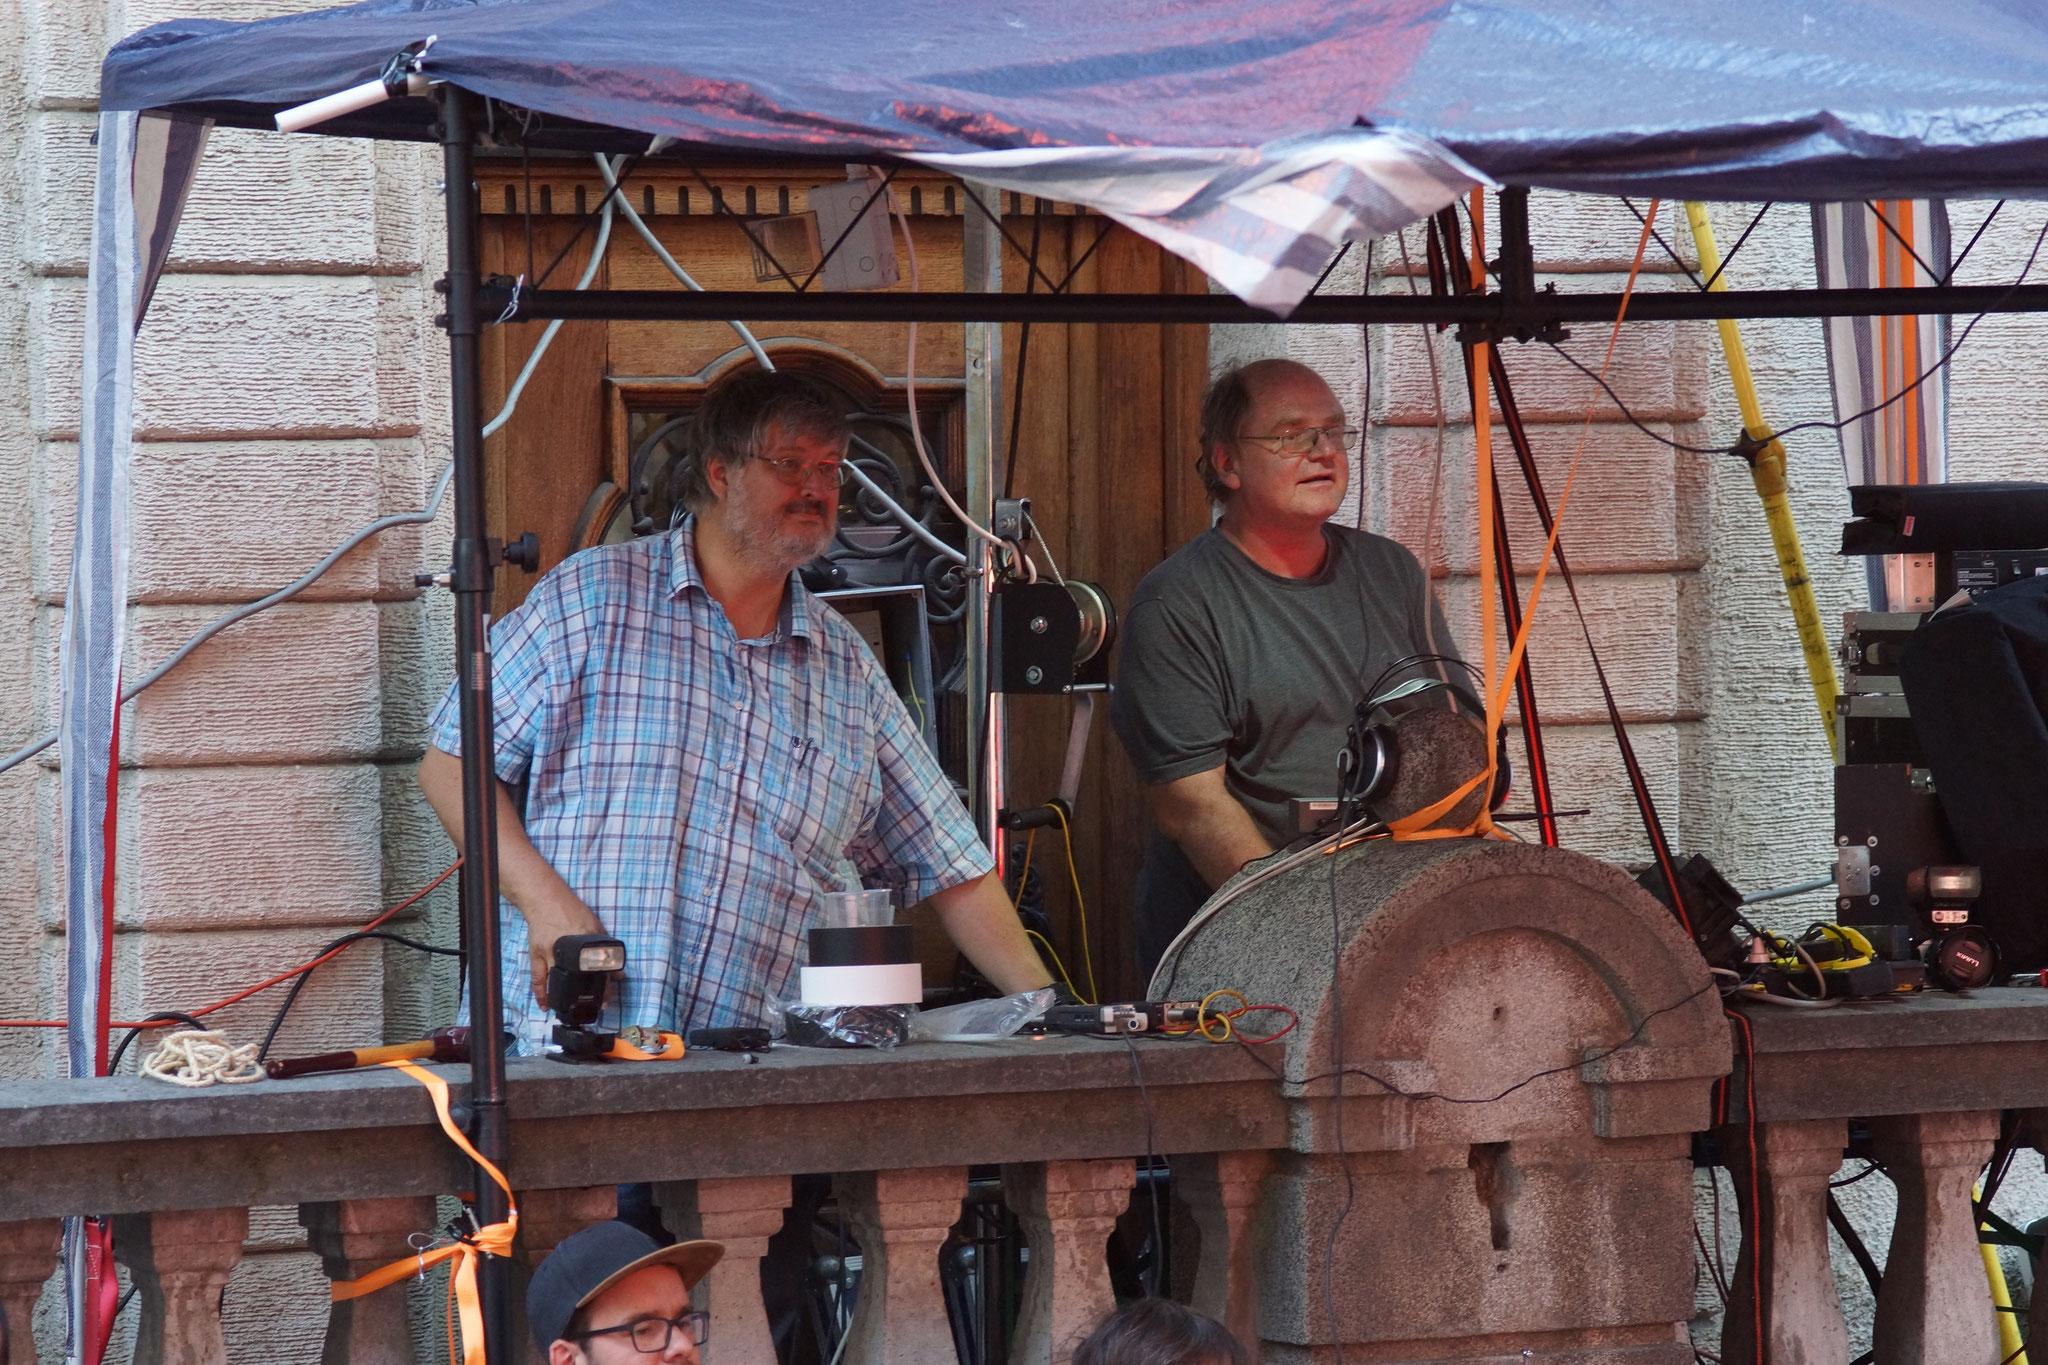 Konzerte im Bürgerhof 06.07.17 Daniel Ackermann / Robert Hösle - Freiwilligen-Zentrum Augsburg - Foto: Crayfish